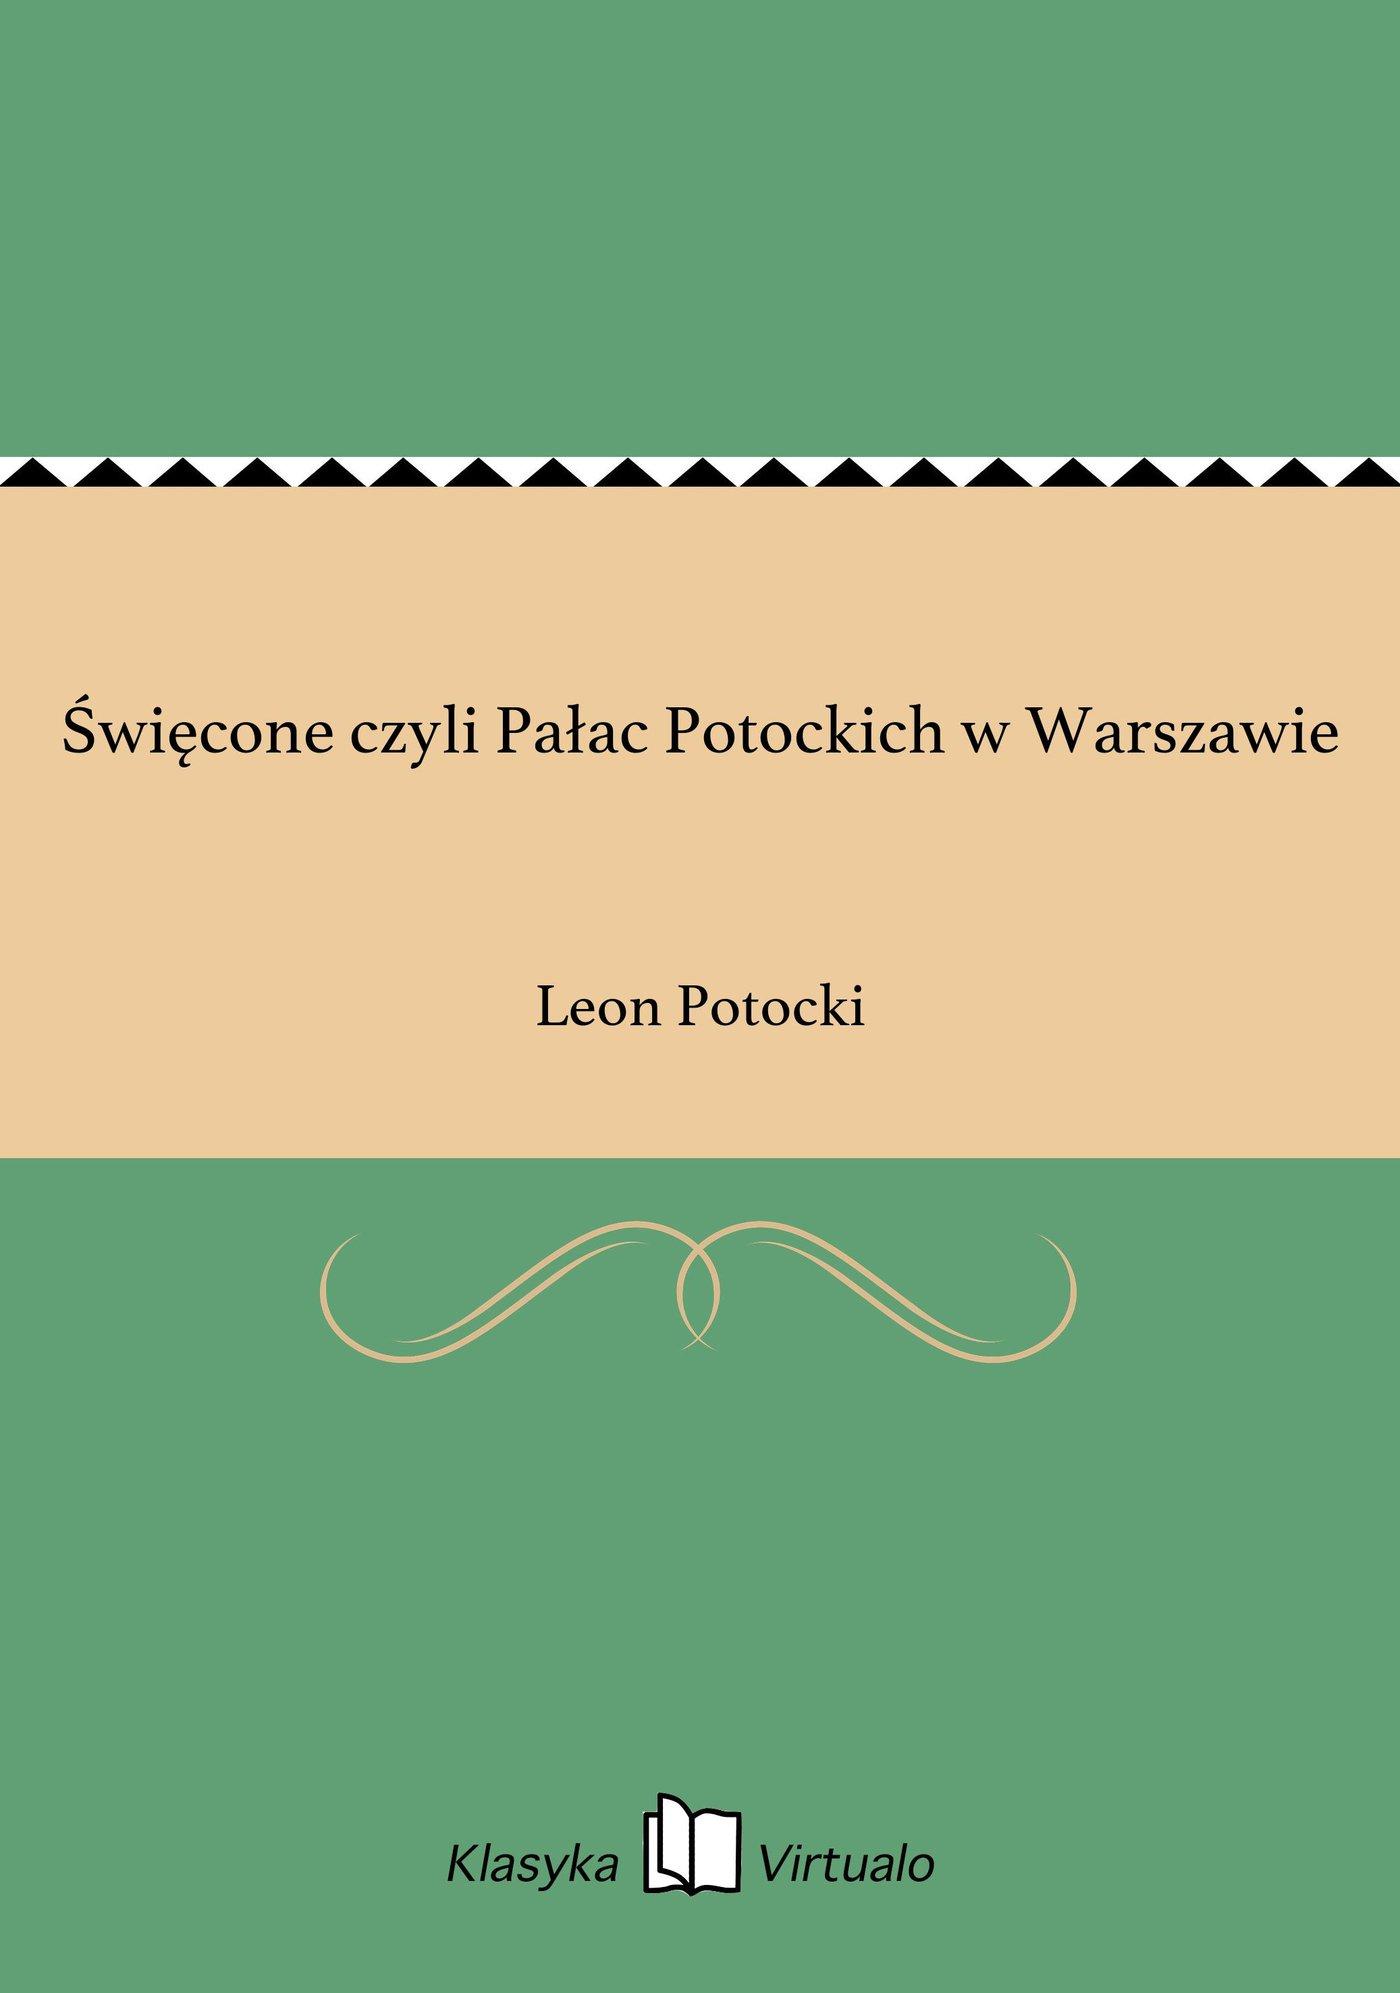 Święcone czyli Pałac Potockich w Warszawie - Ebook (Książka na Kindle) do pobrania w formacie MOBI